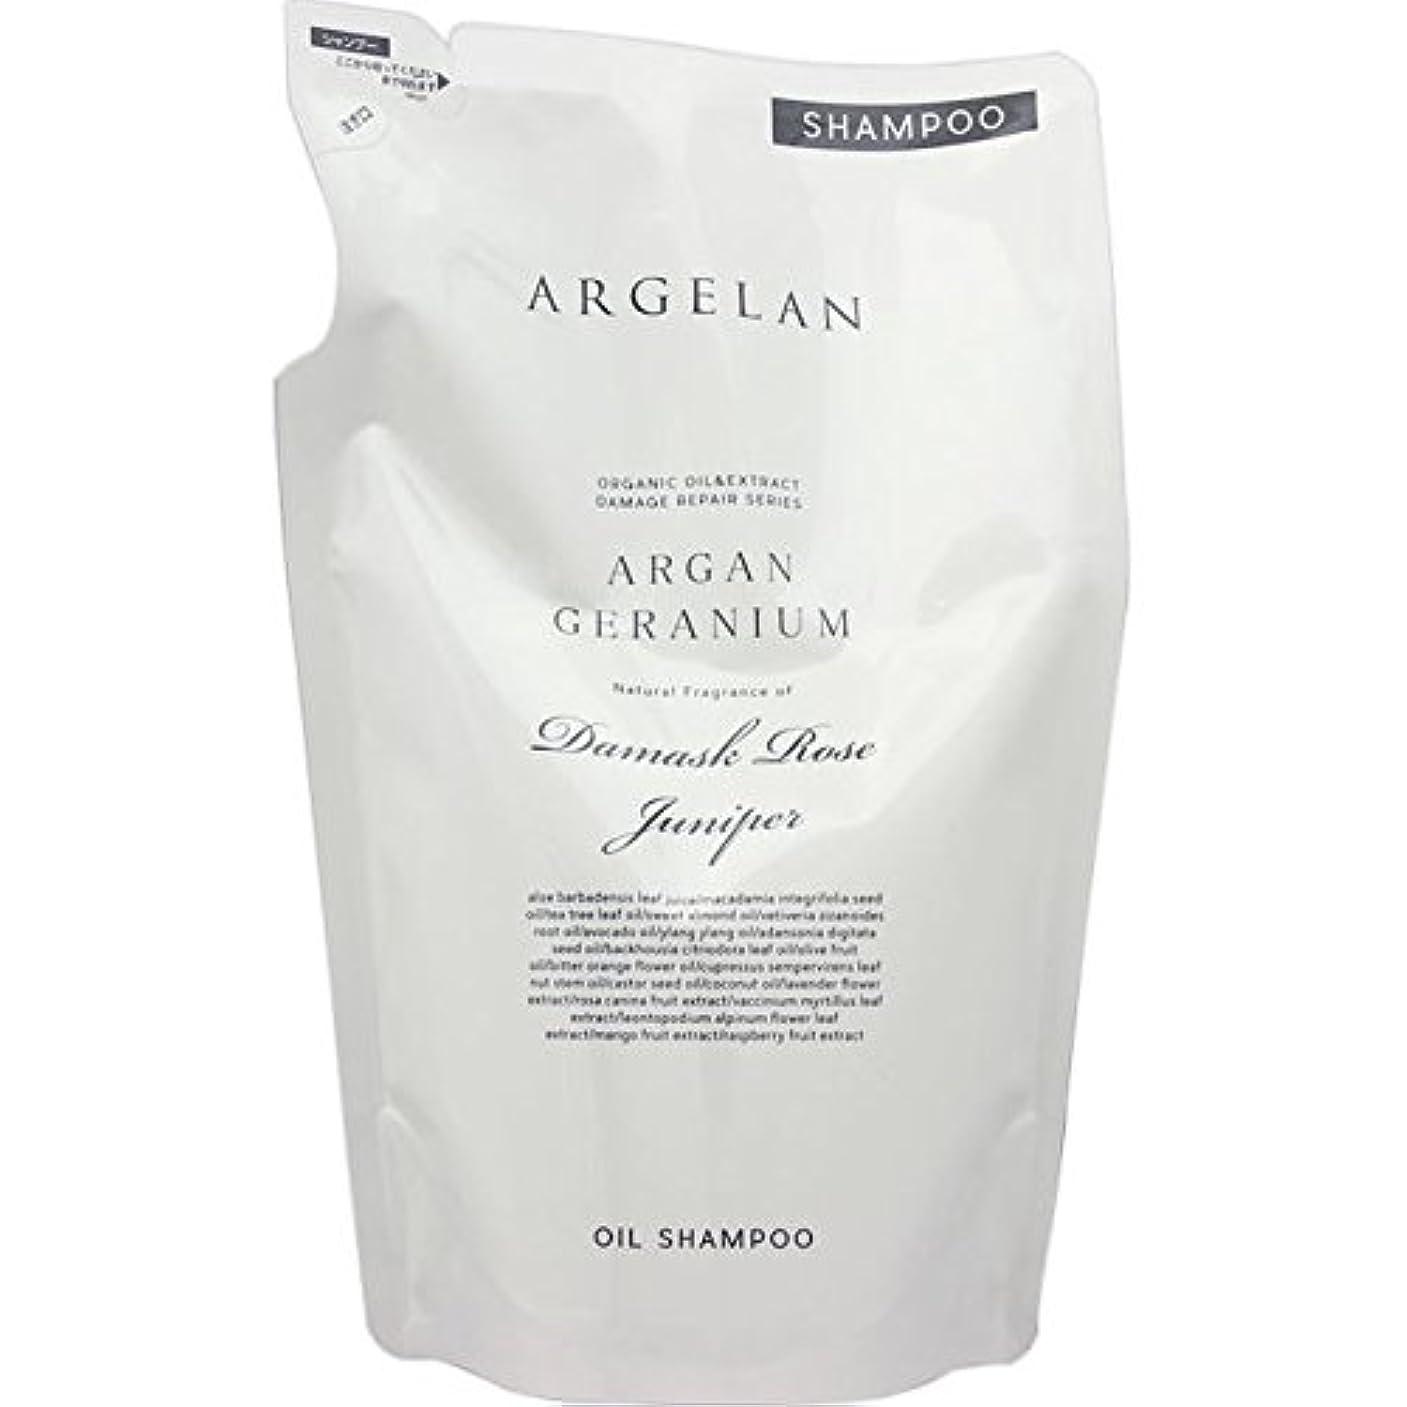 滑りやすいロータリー貸し手アルジェラン オーガニック 手搾りアルガン オイル シャンプー 詰替え用 400ml詰替